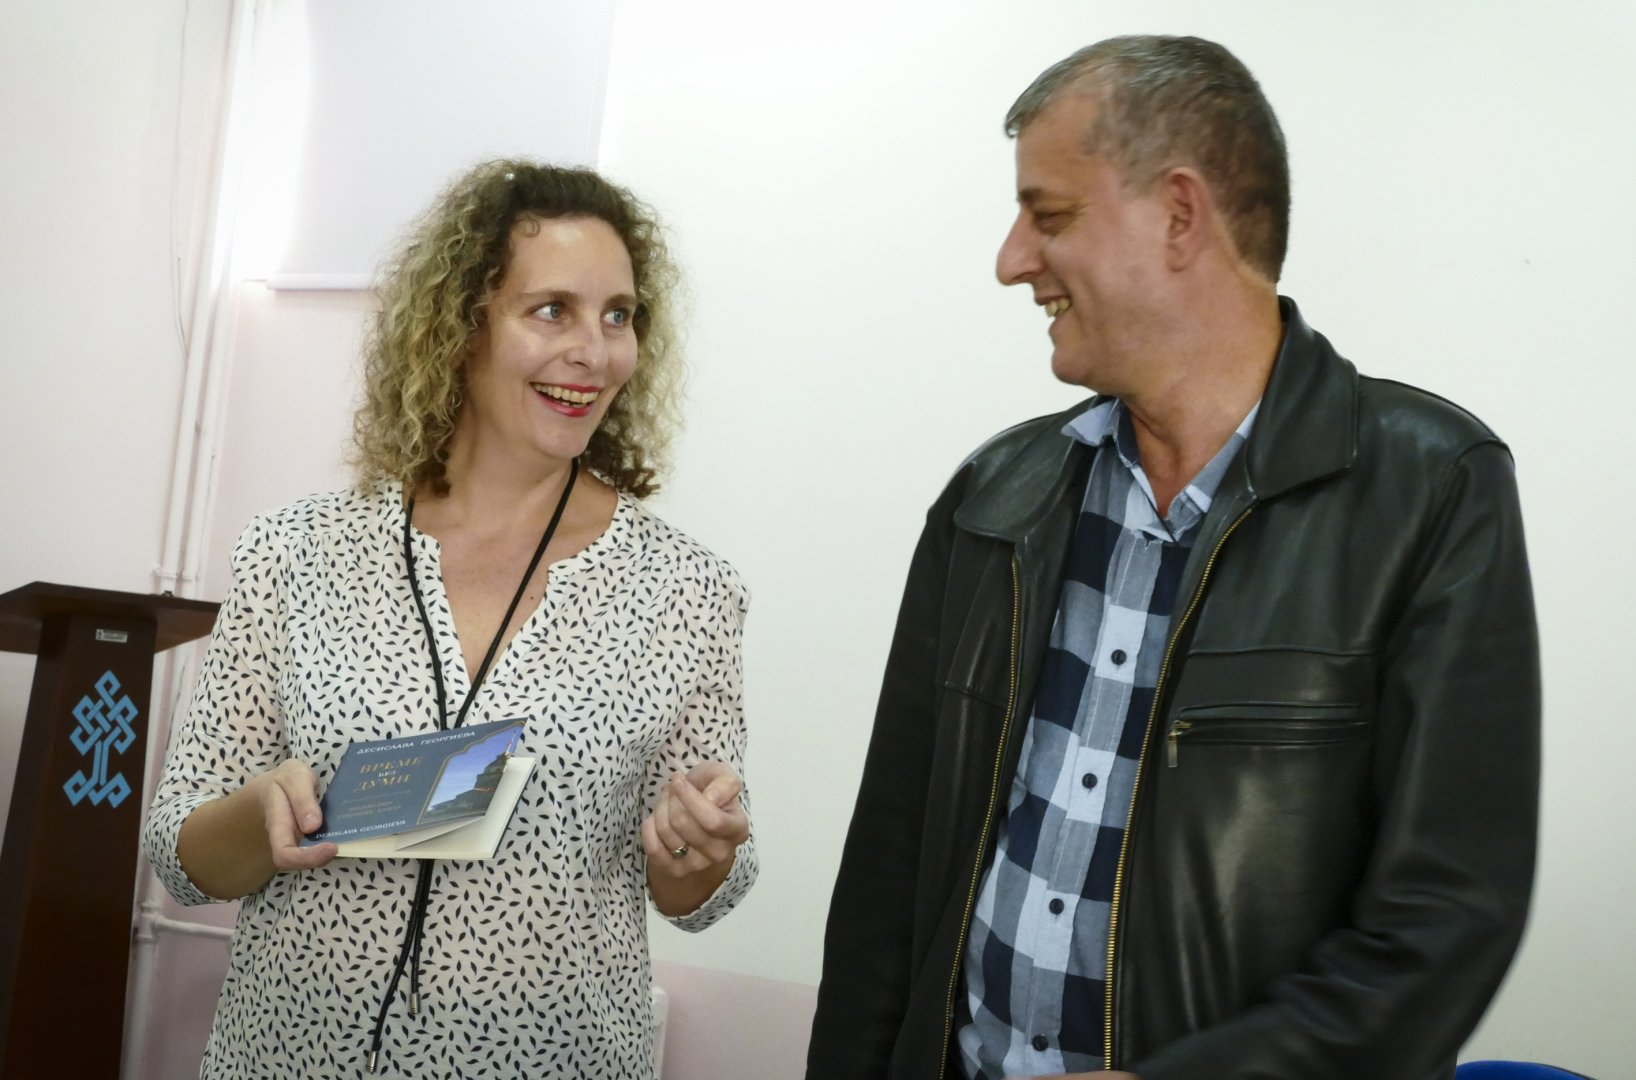 Десислава Георгиева и Недрет Бензет прочетоха миниатюри на български и турски език